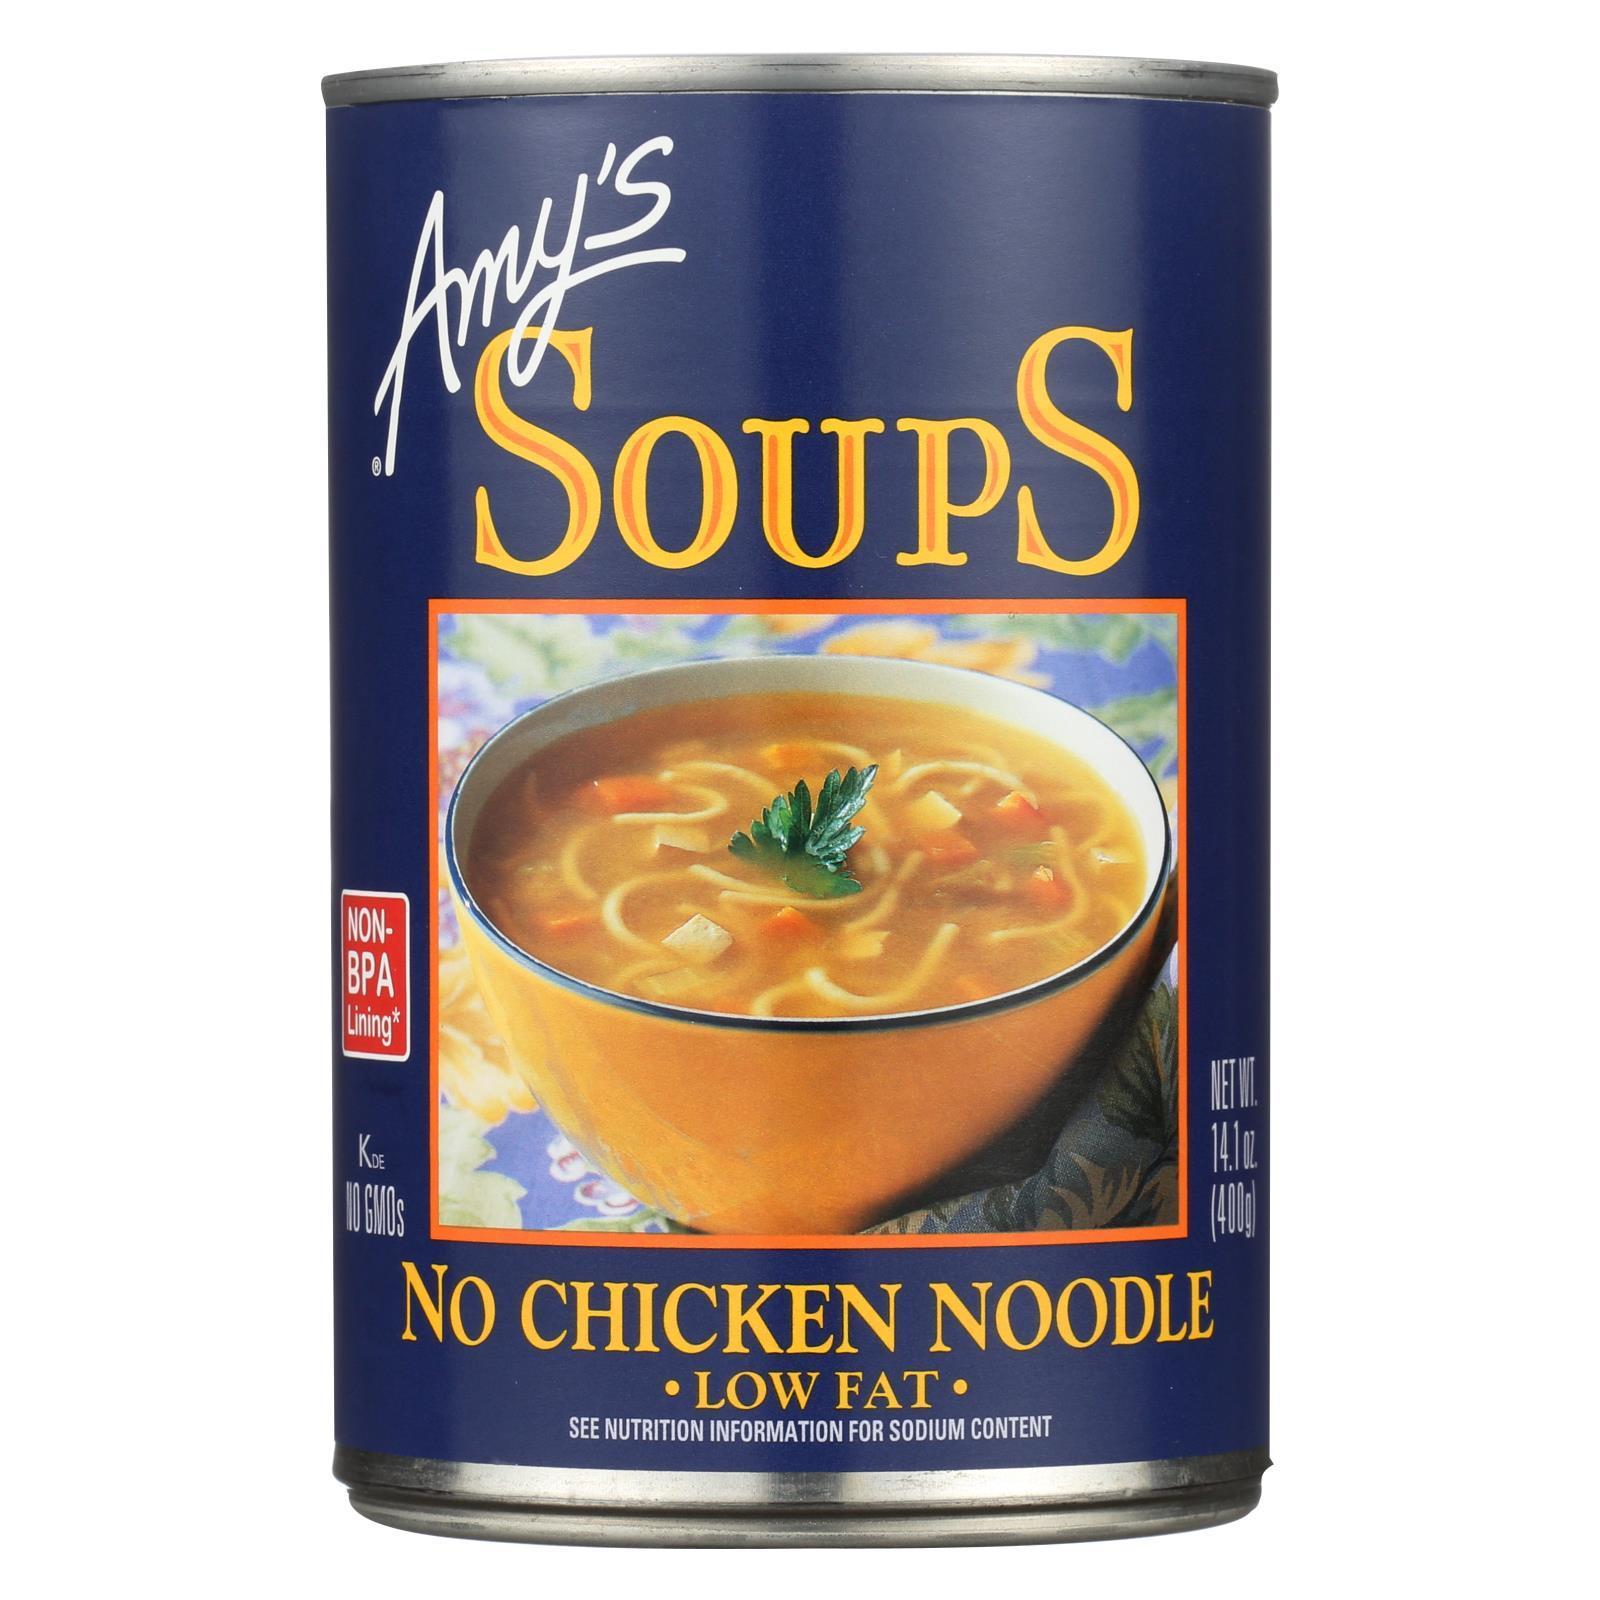 Amy's Soup - No Chicken Noodle - Case of 1 - 14.1 oz.